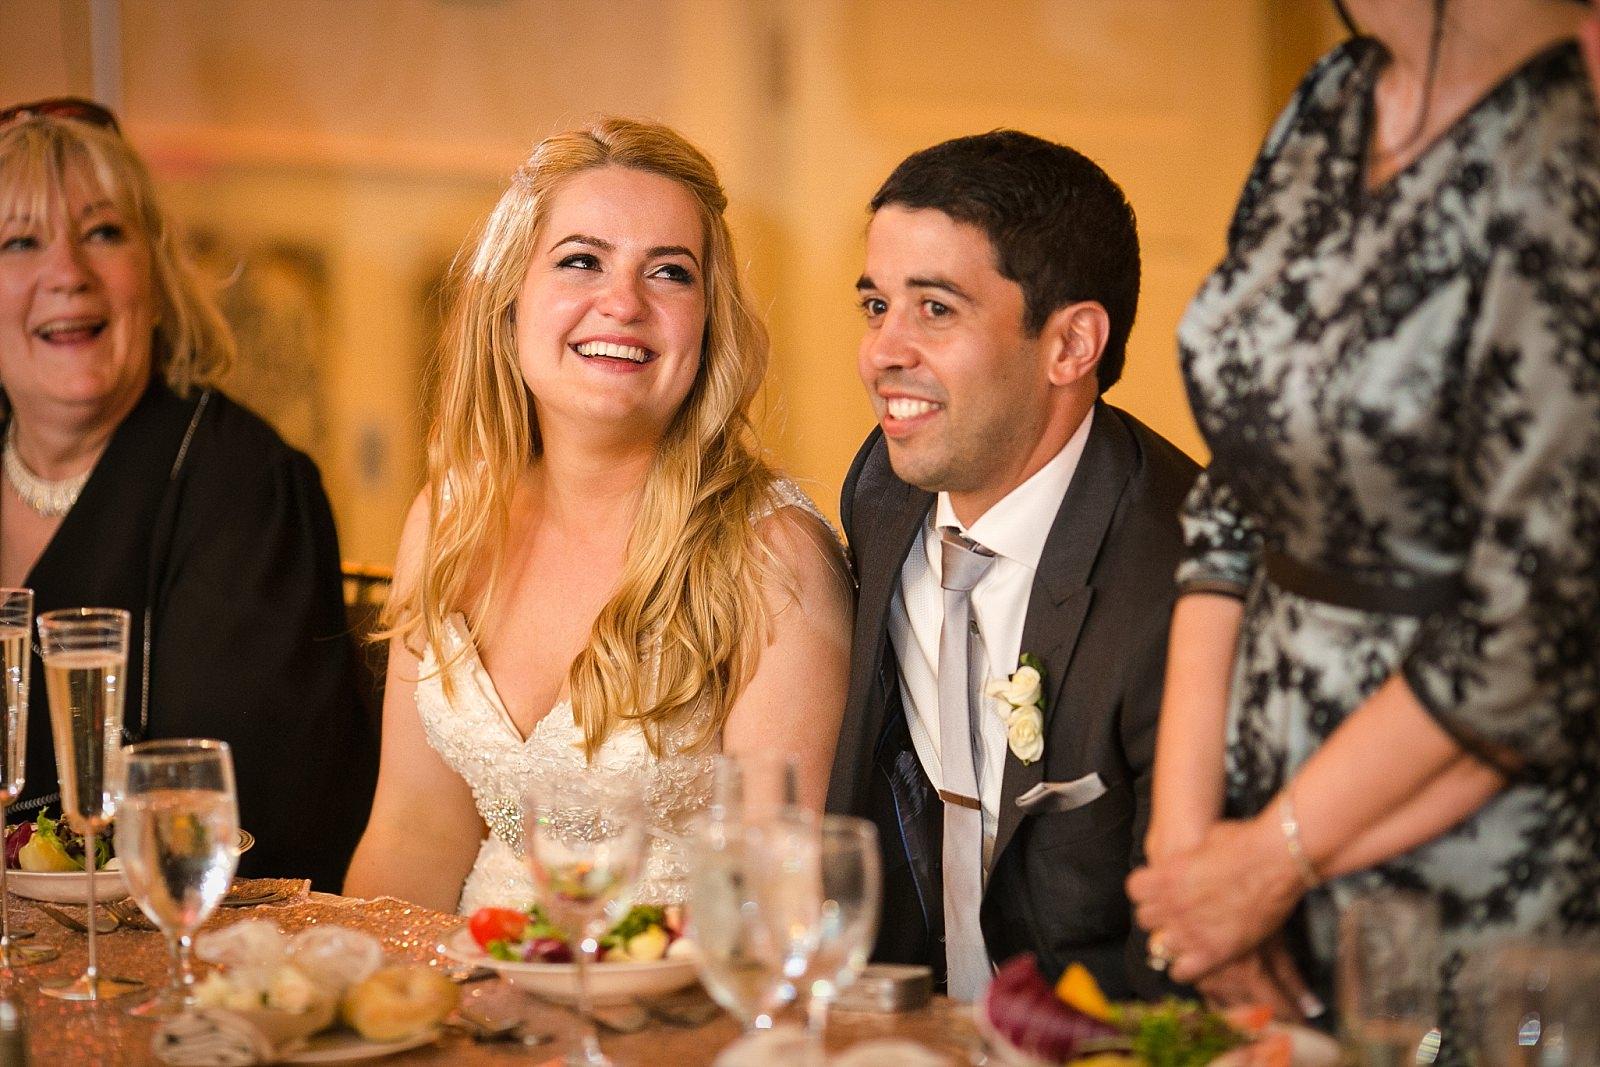 CT_Wedding_Photographer_KrCh_41.jpg